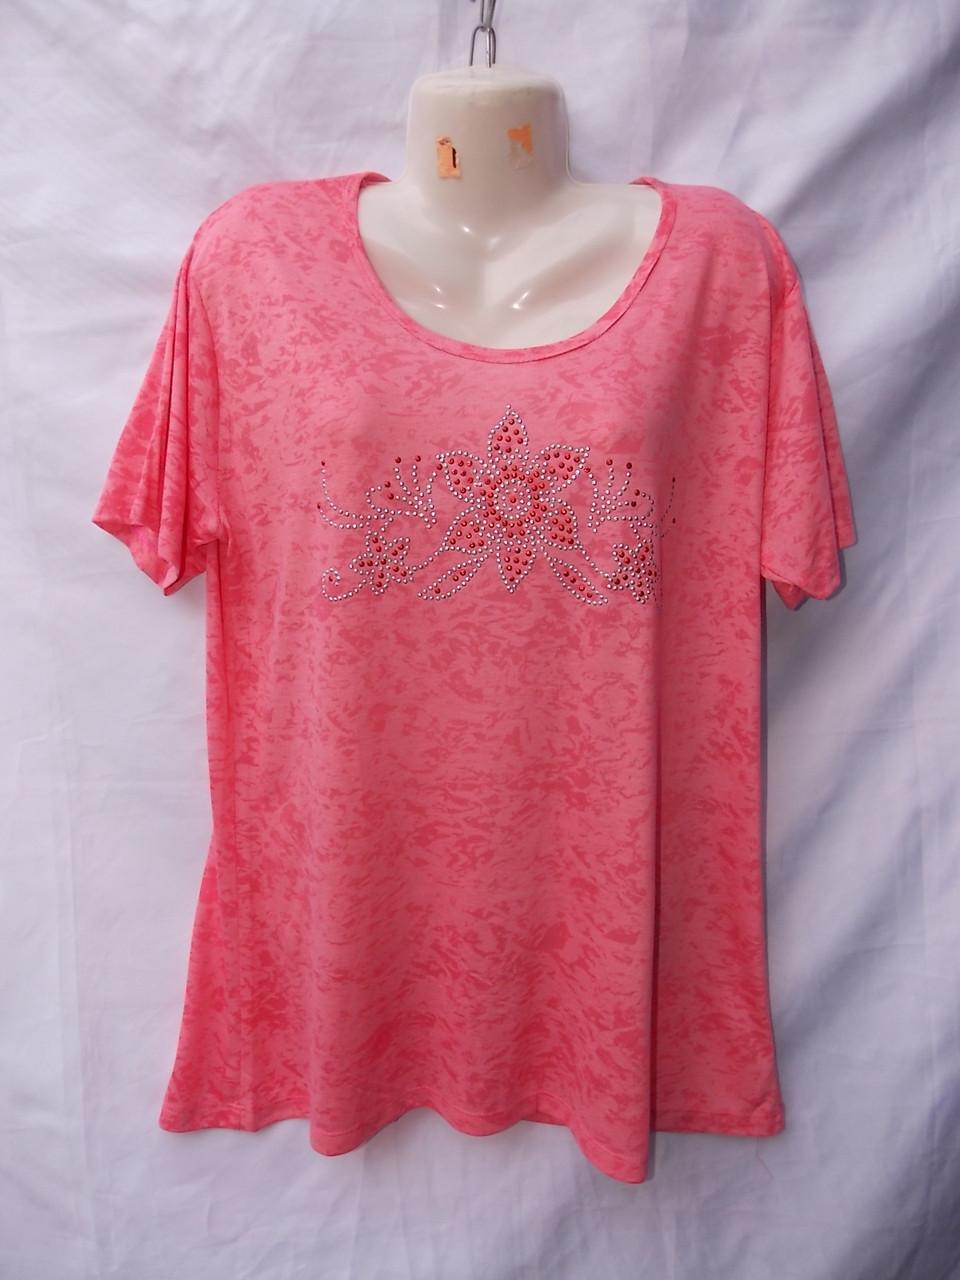 Женская котоновая футболка норма (в уп. 5 расцветок) пр-ва Вьетнам оптом в Одессе.